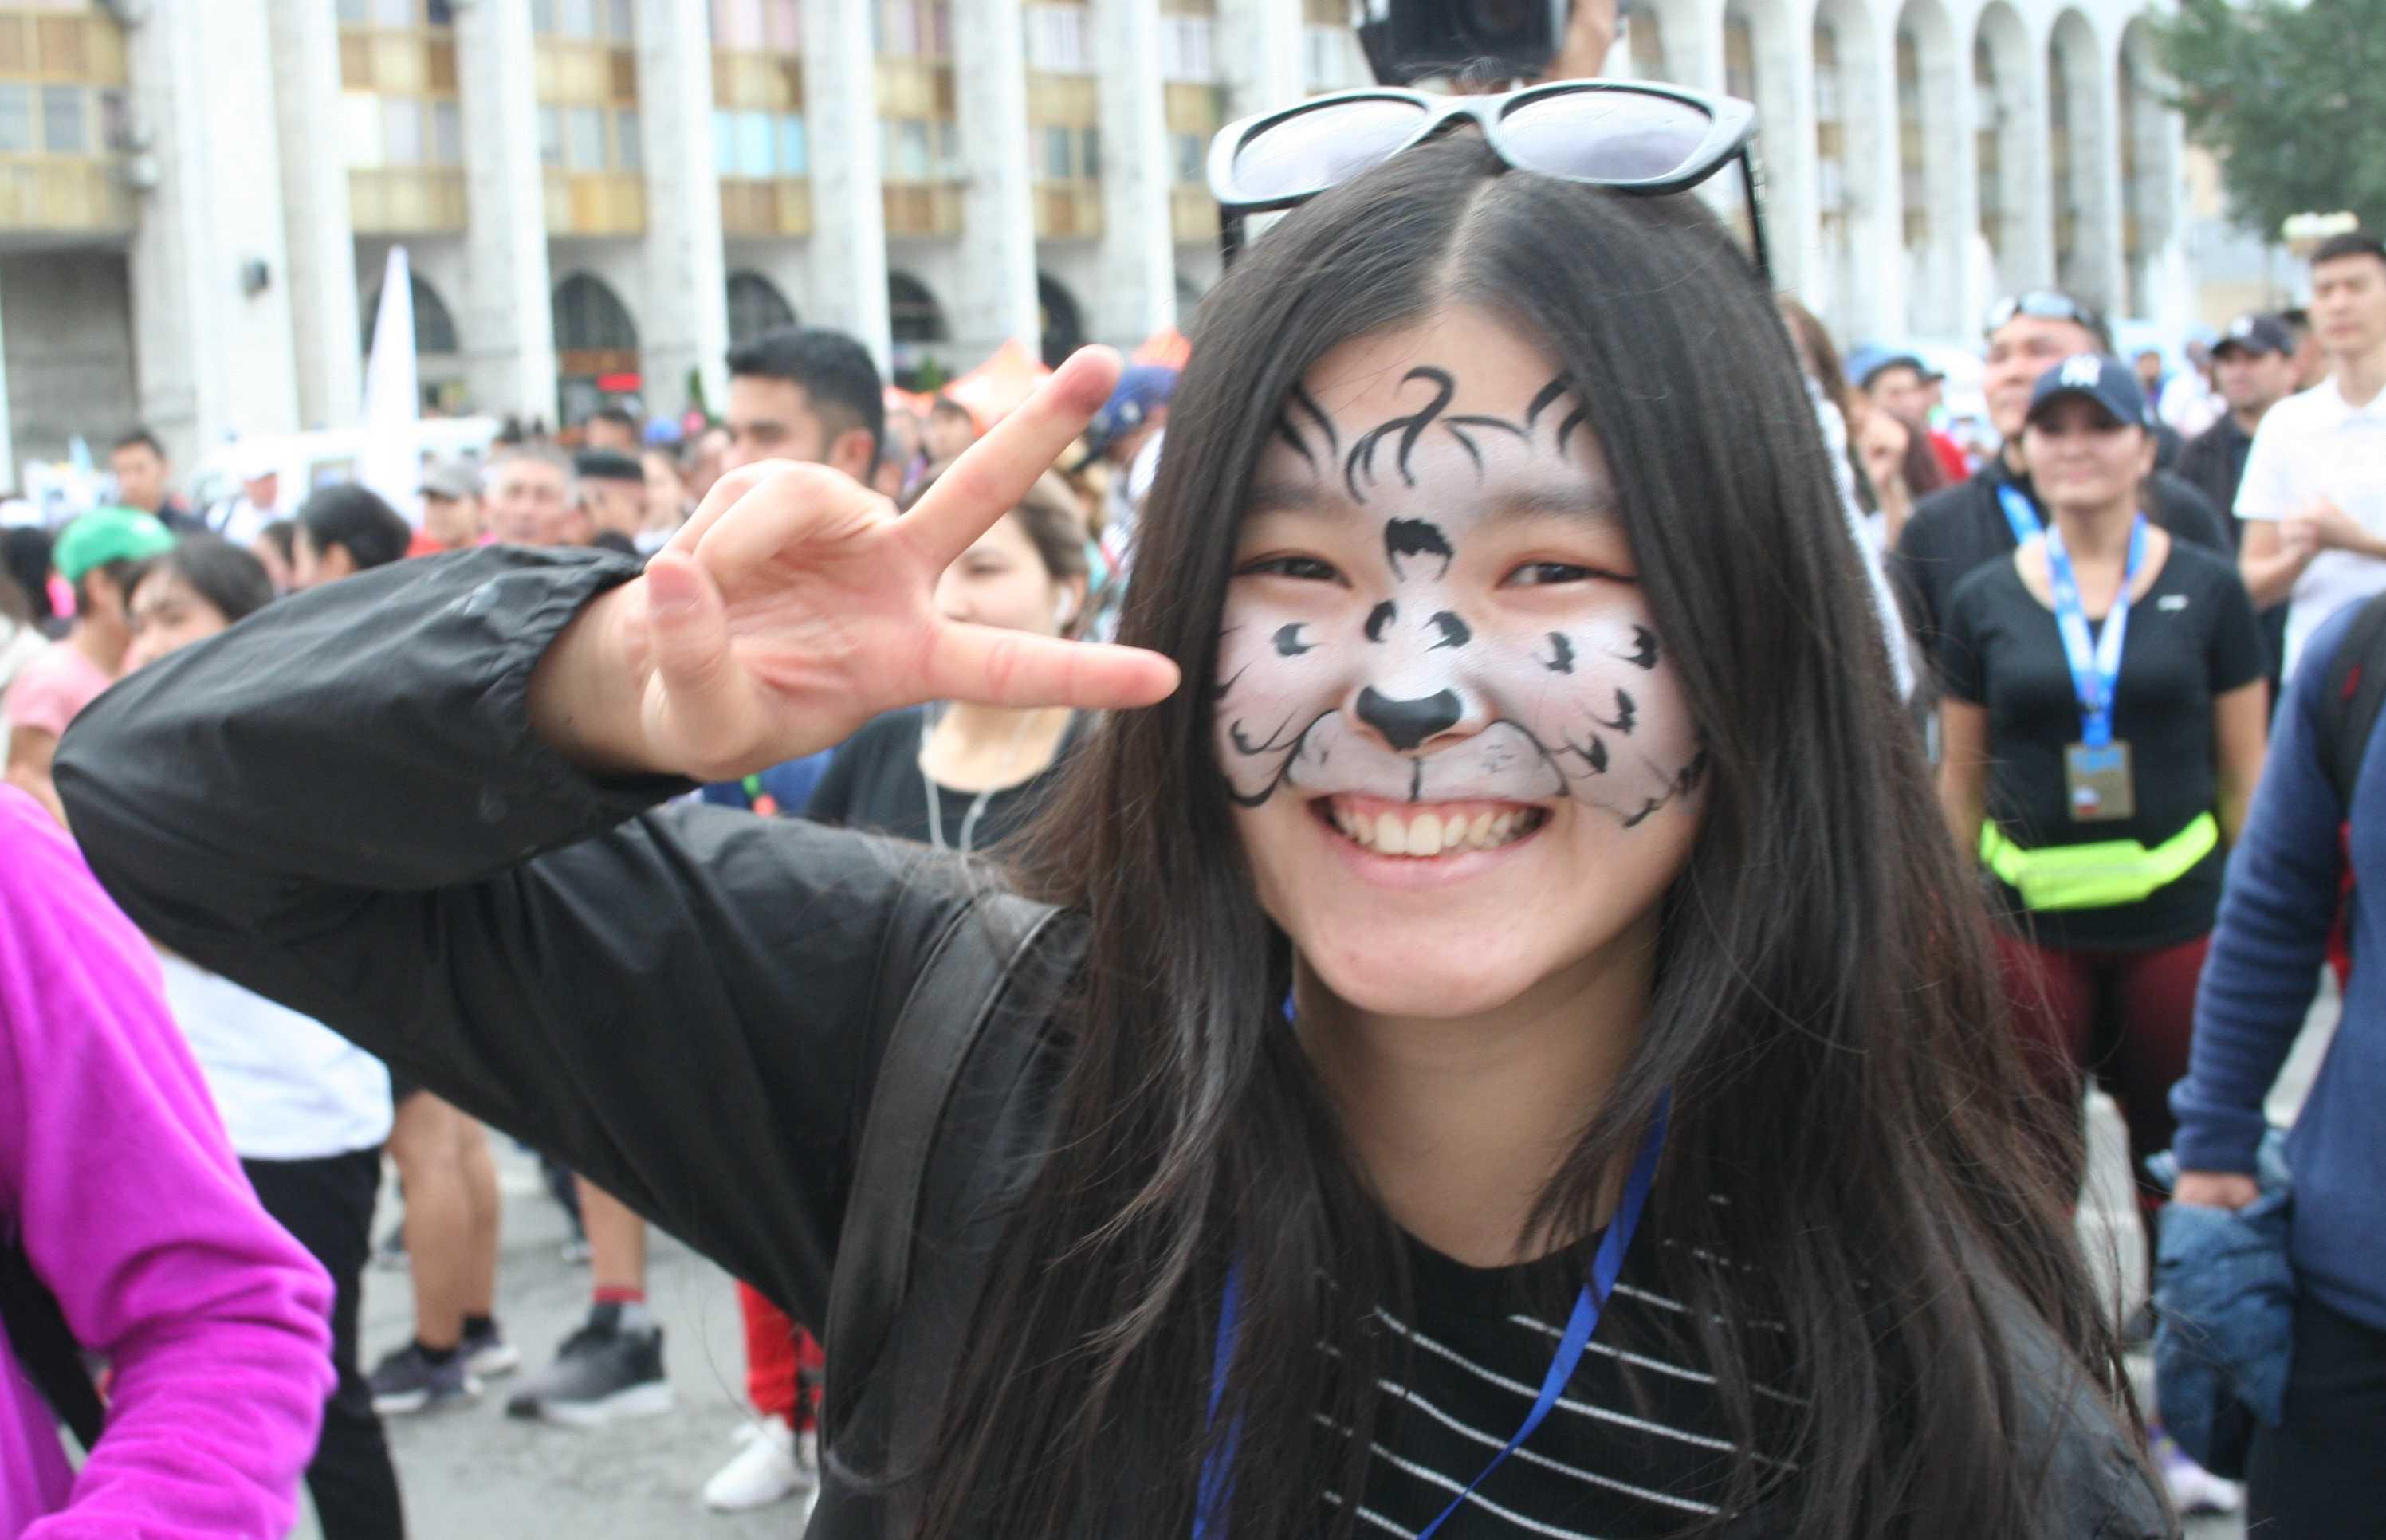 В Кыргызстане все побежали охранять снежного барса! На финише их ждало более 5 млн сомов призовых (ВИДЕО)